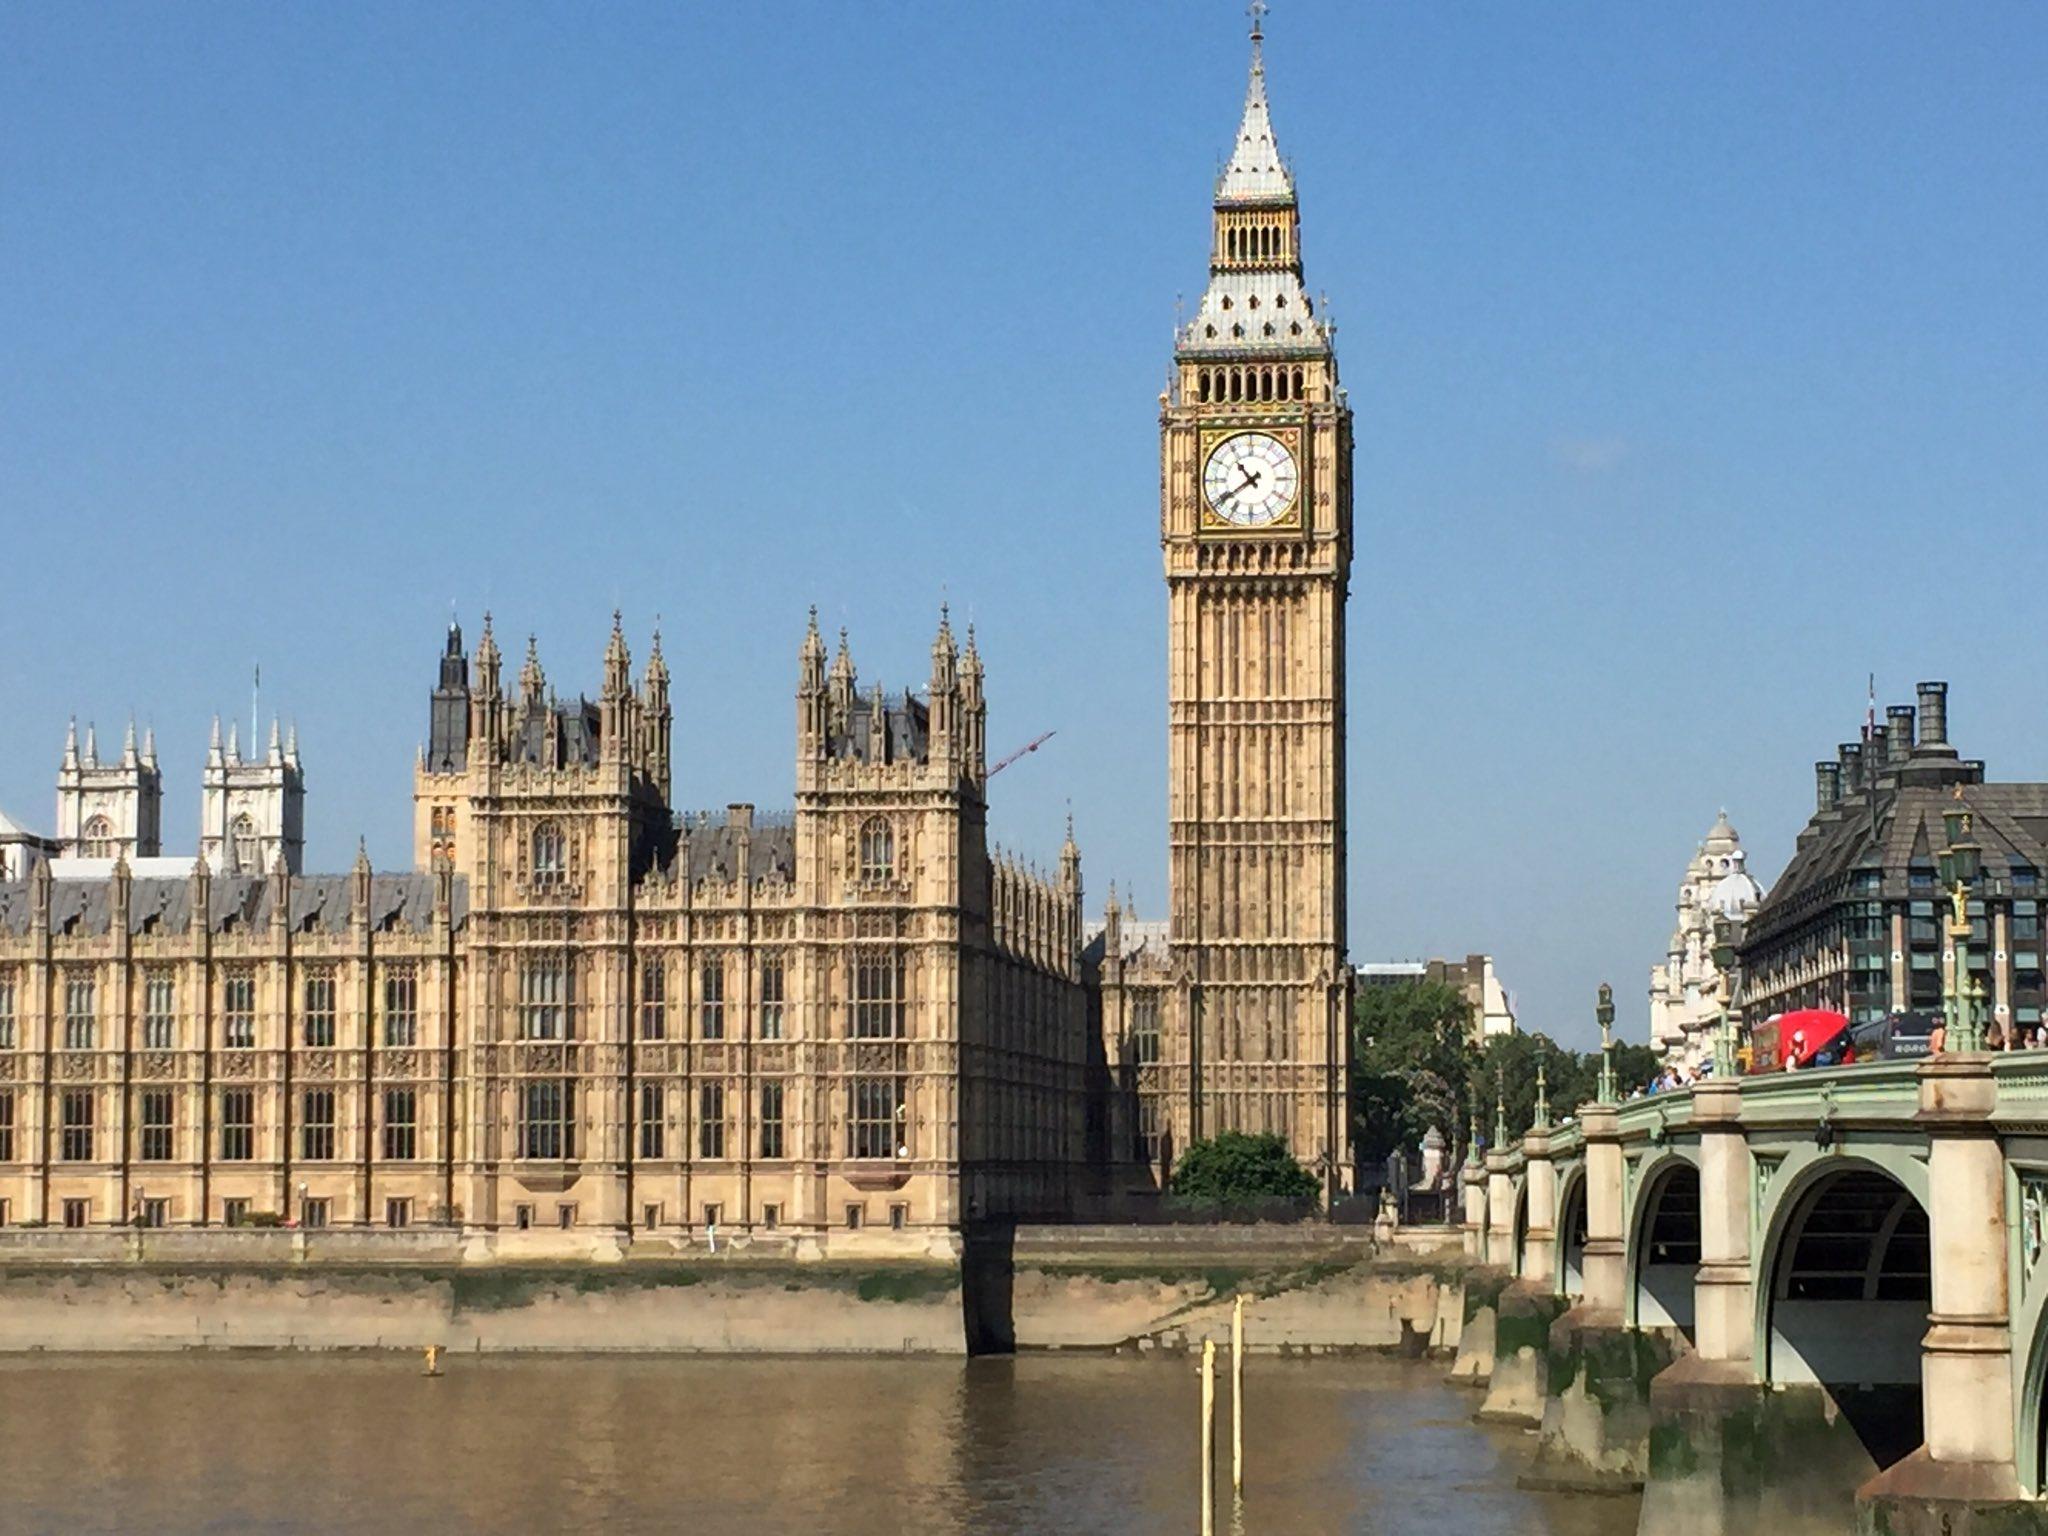 يزيد الفهيد On Twitter ساعة بق بن في لندن ونهر التايمز من أشهر وأهم المعالم في لندن لندن London